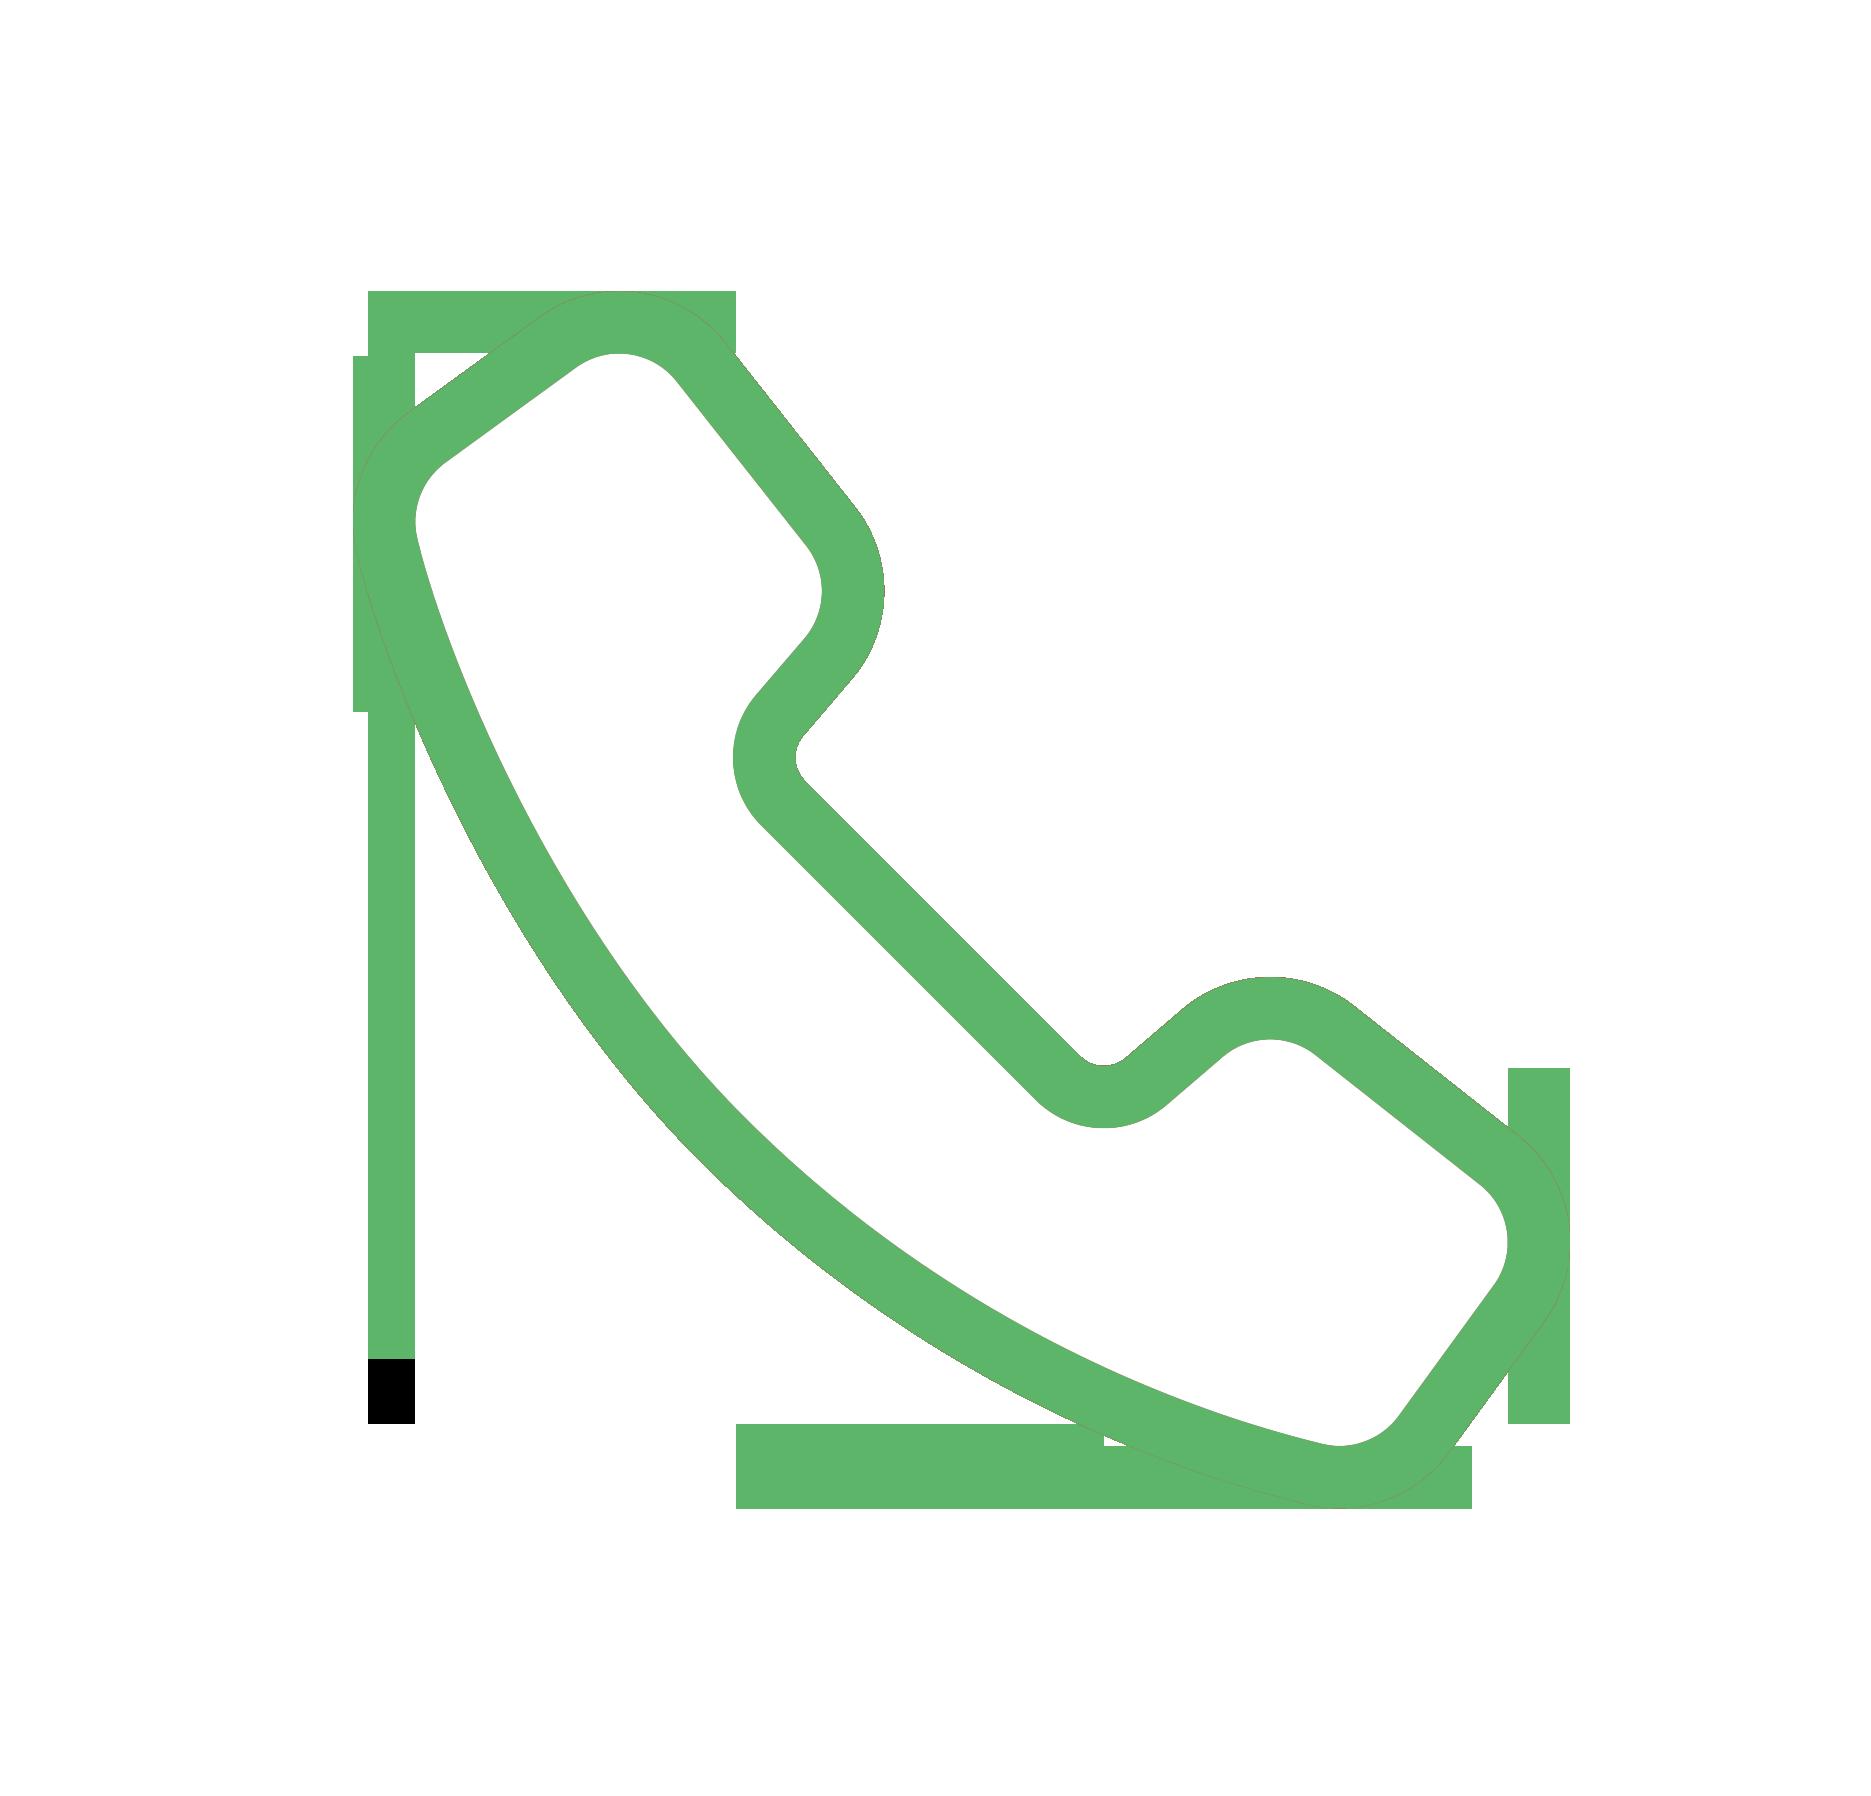 Picto Phone-61-vert3